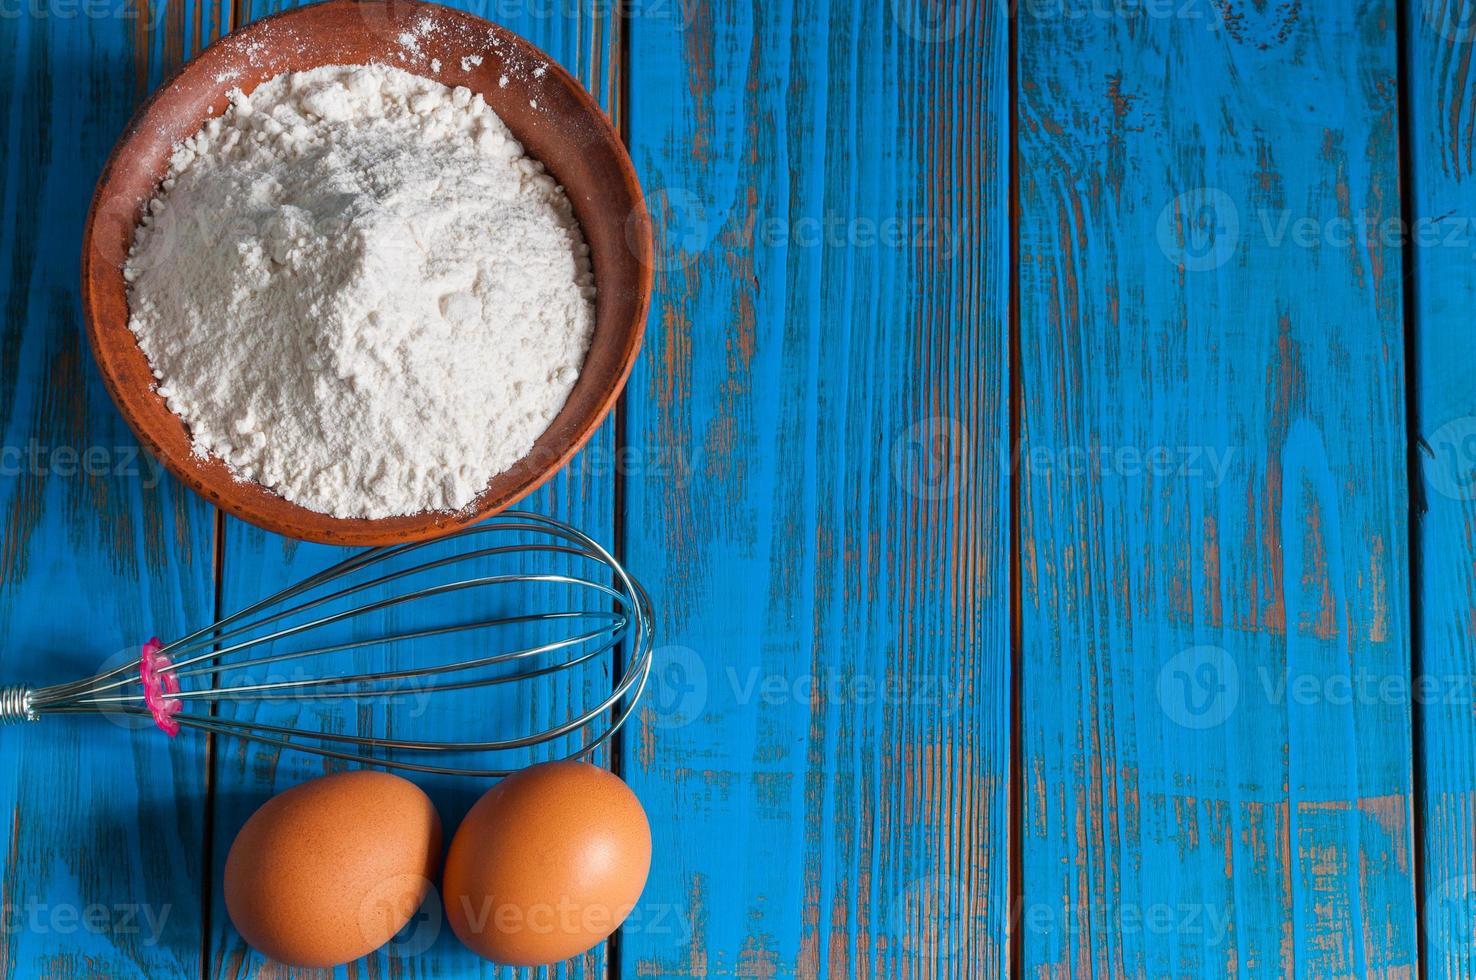 hornear pastel en cocina rural - masa receta ingredientes huevos foto